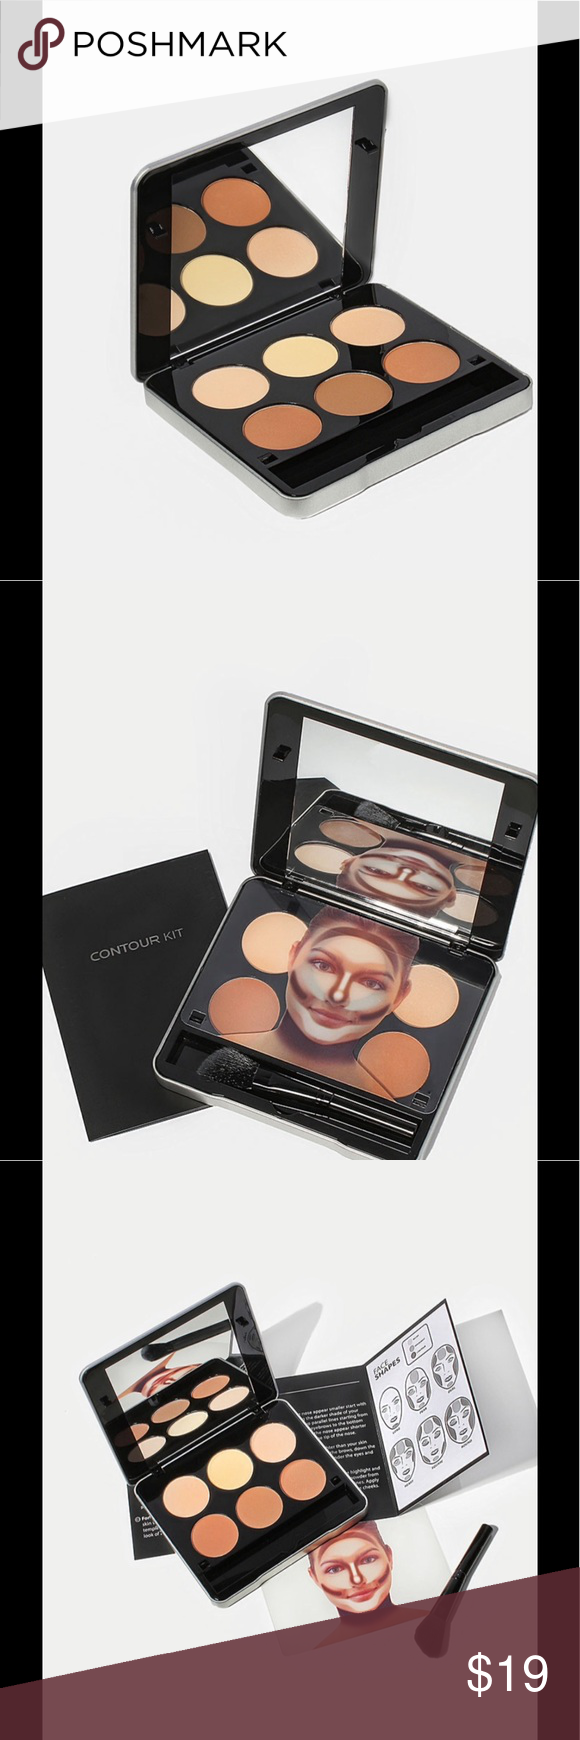 Makeover Essentials Contour Kit This contour kit includes